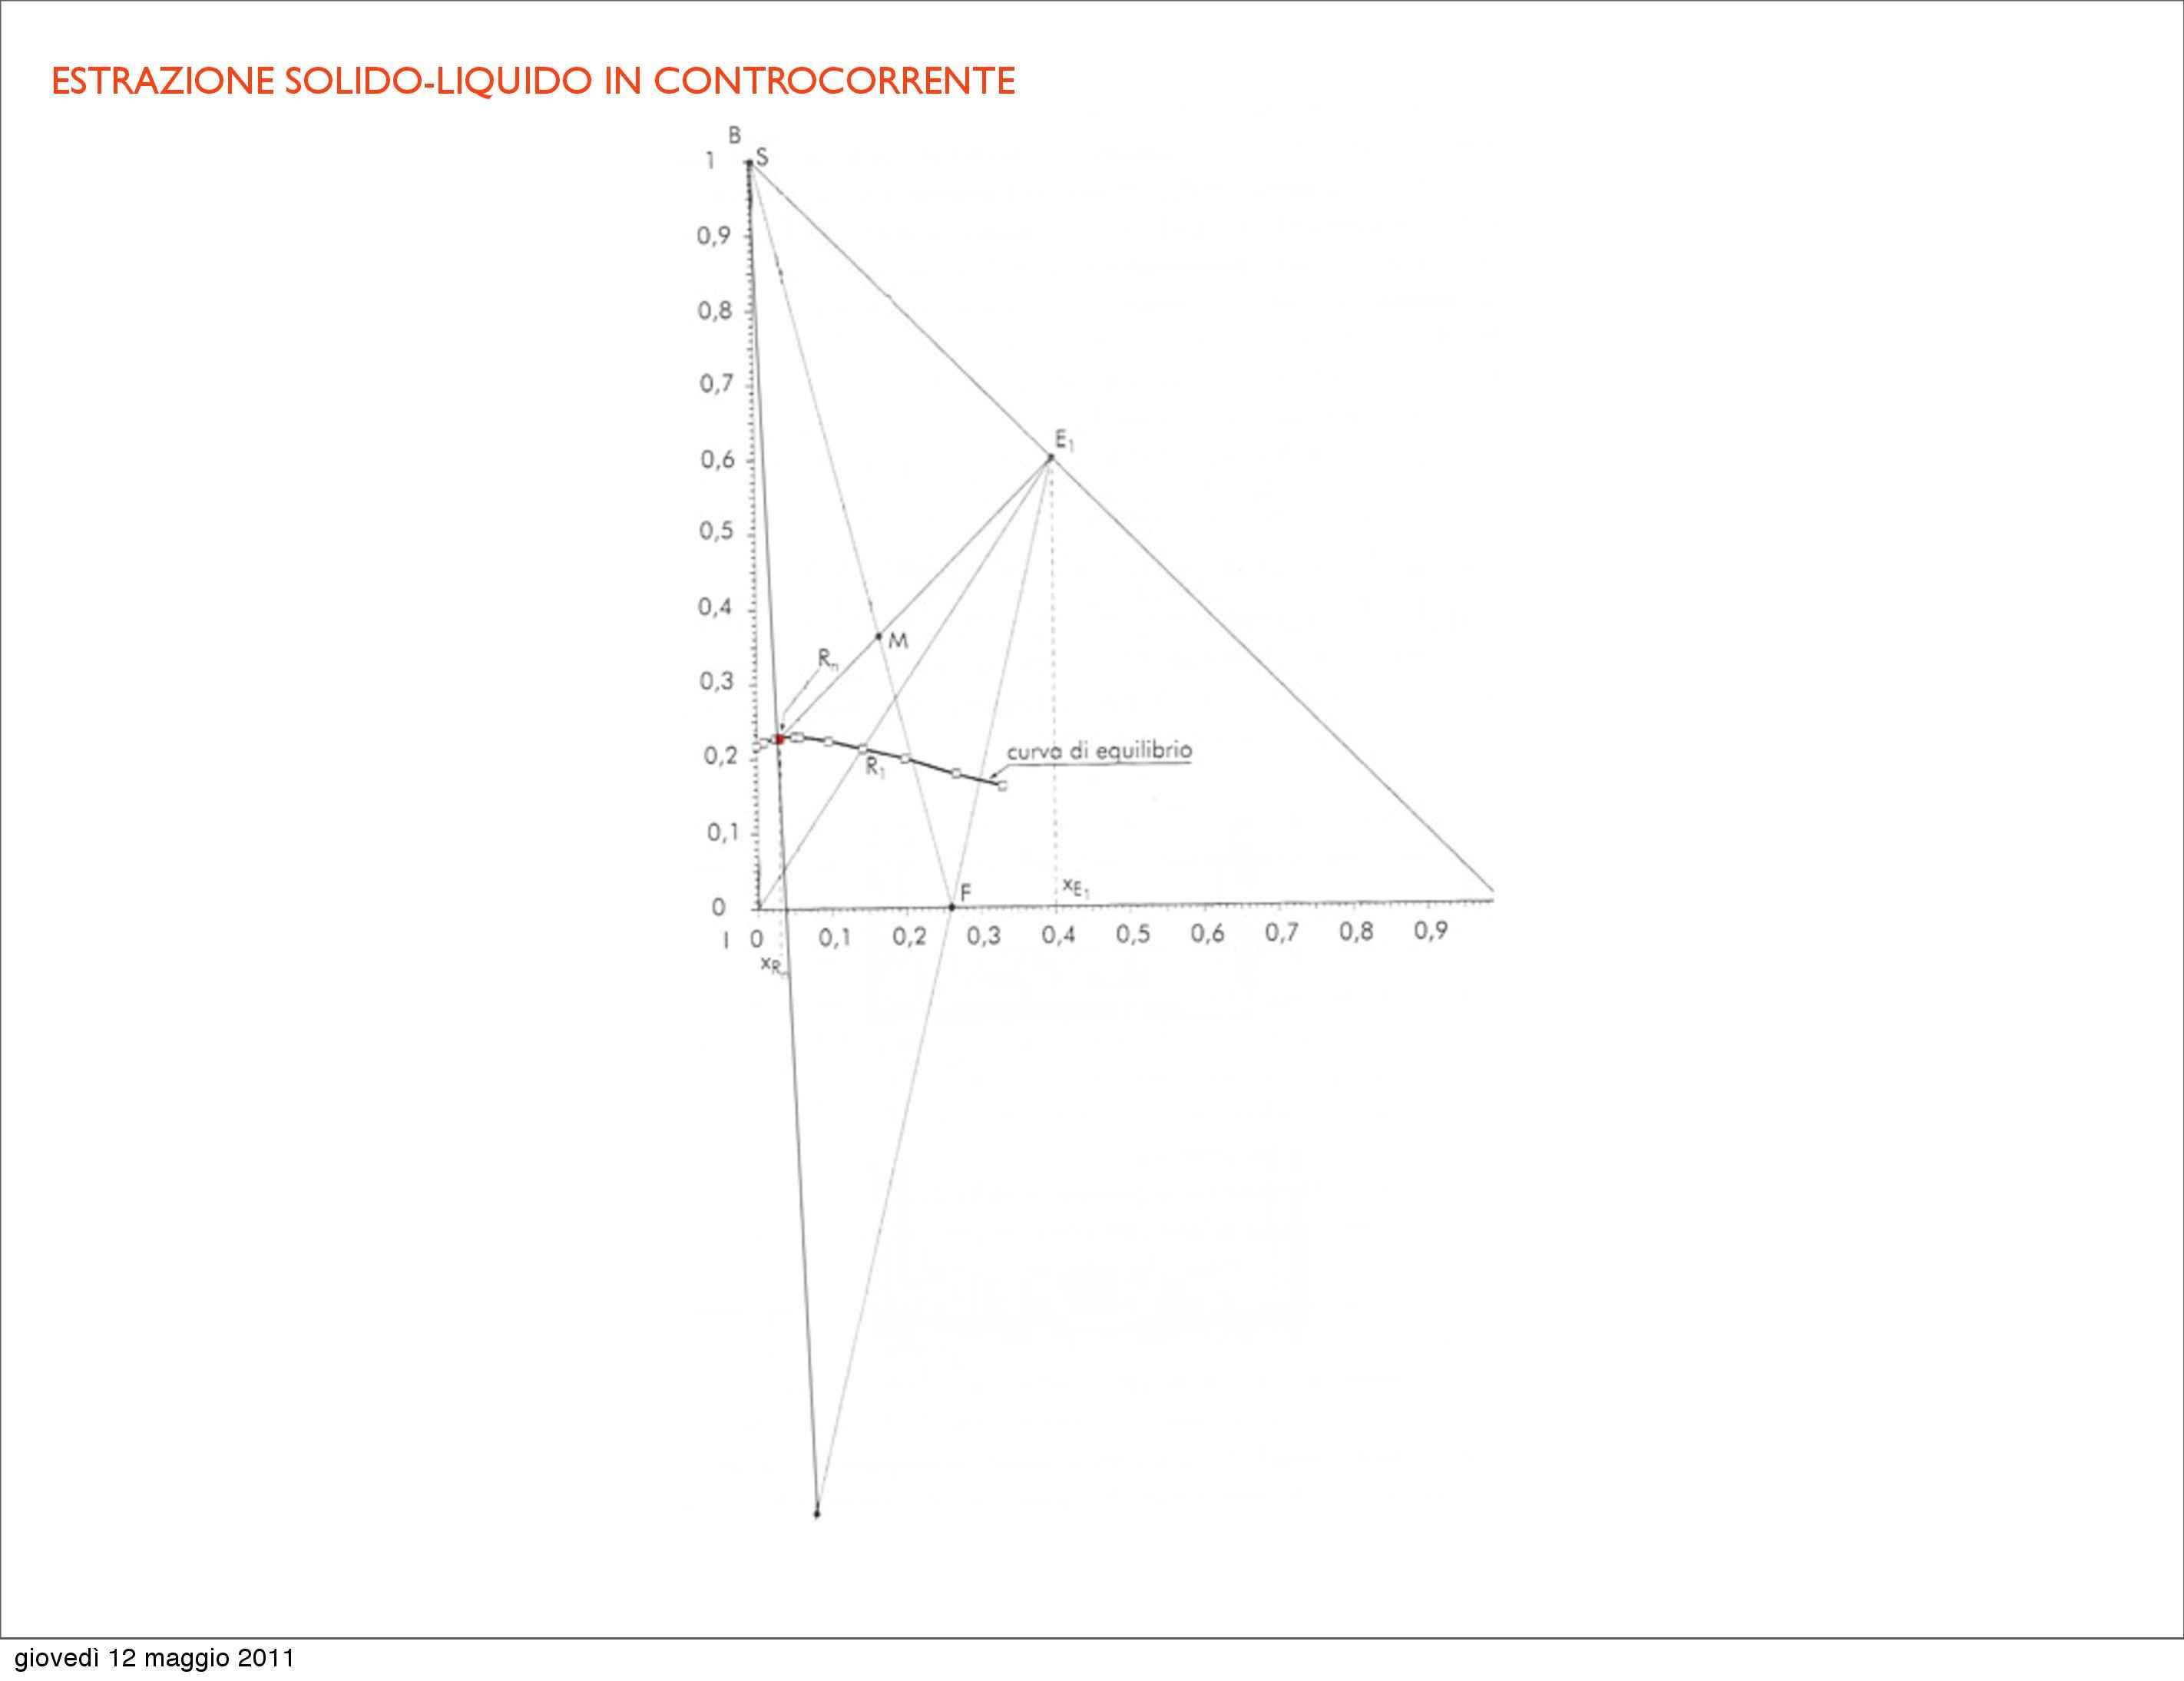 Chimica - estrazione solido-liquido Pag. 31